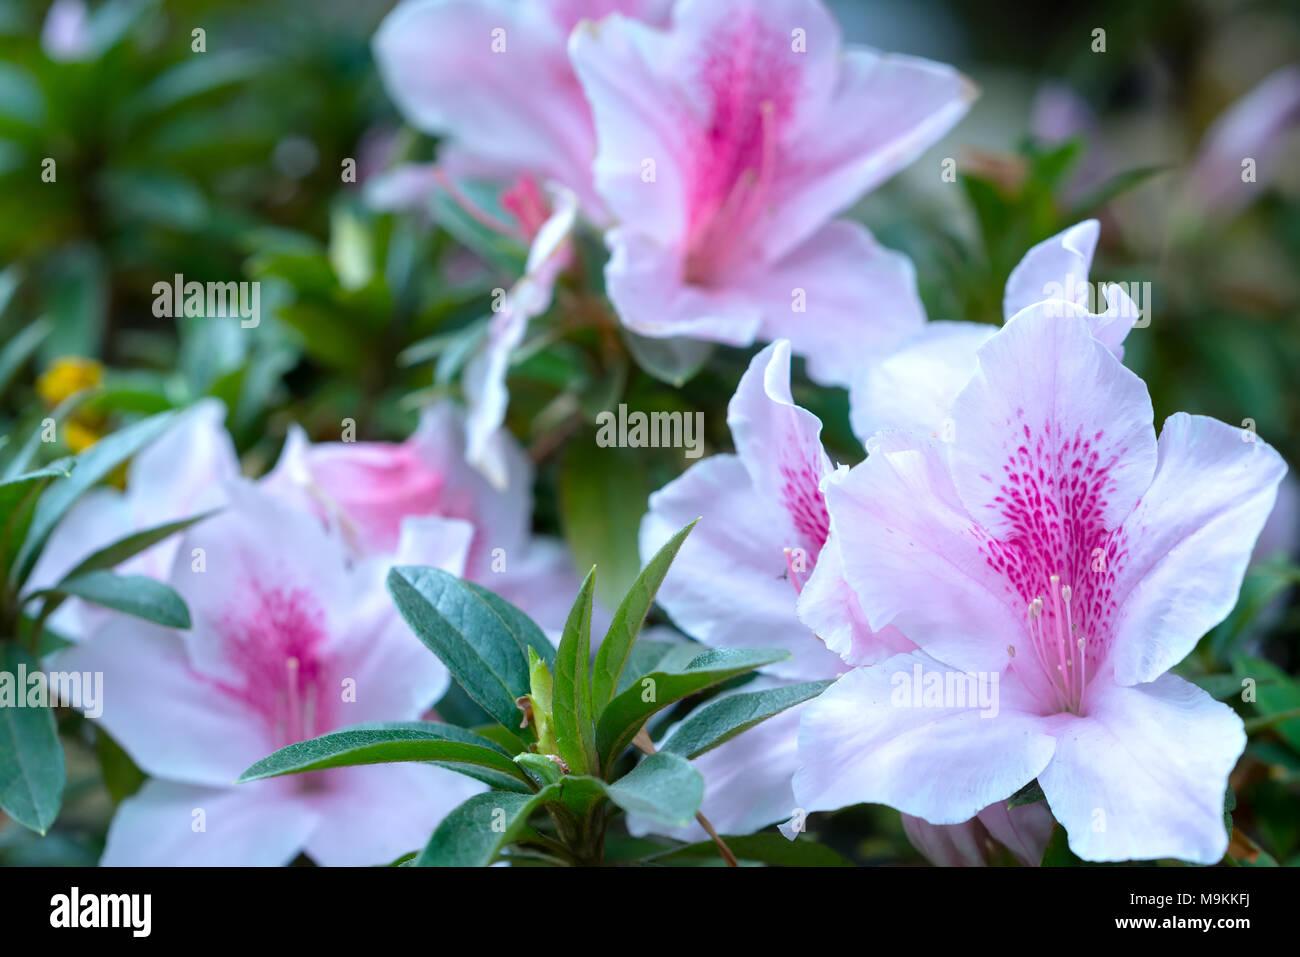 Azalea flowers bloom in the flower garden in the early spring azalea flowers bloom in the flower garden in the early spring beautiful mightylinksfo